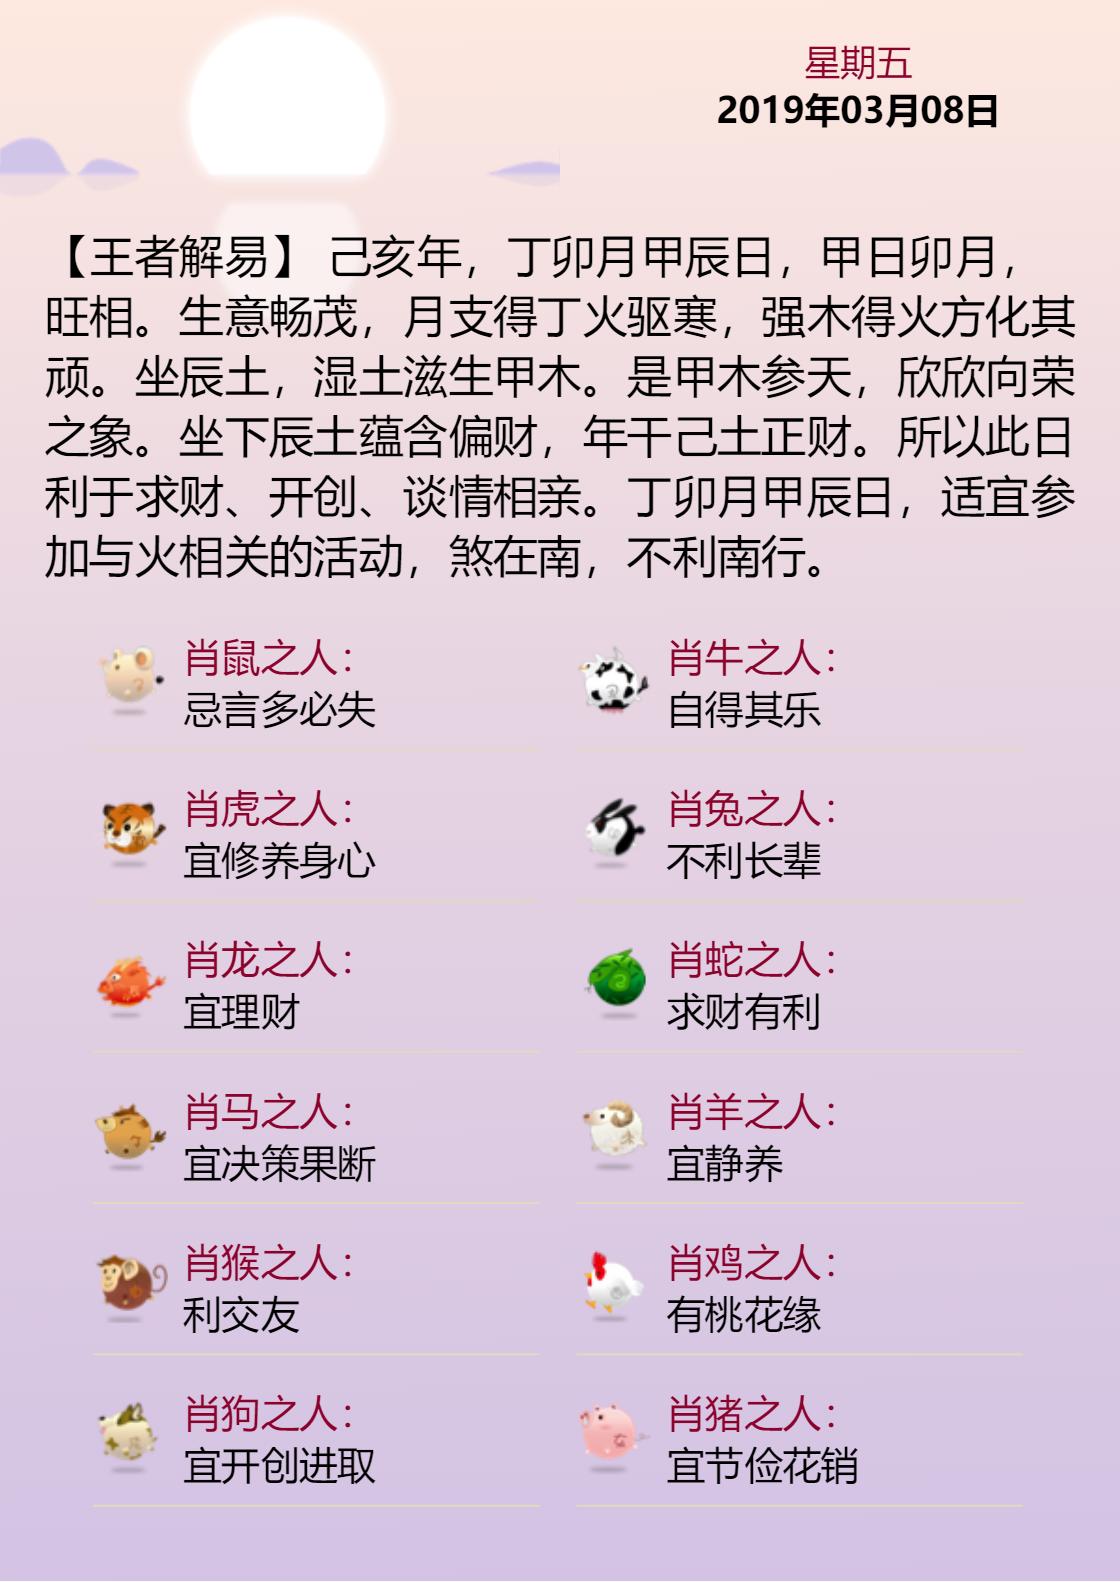 黄历海报20190308.png